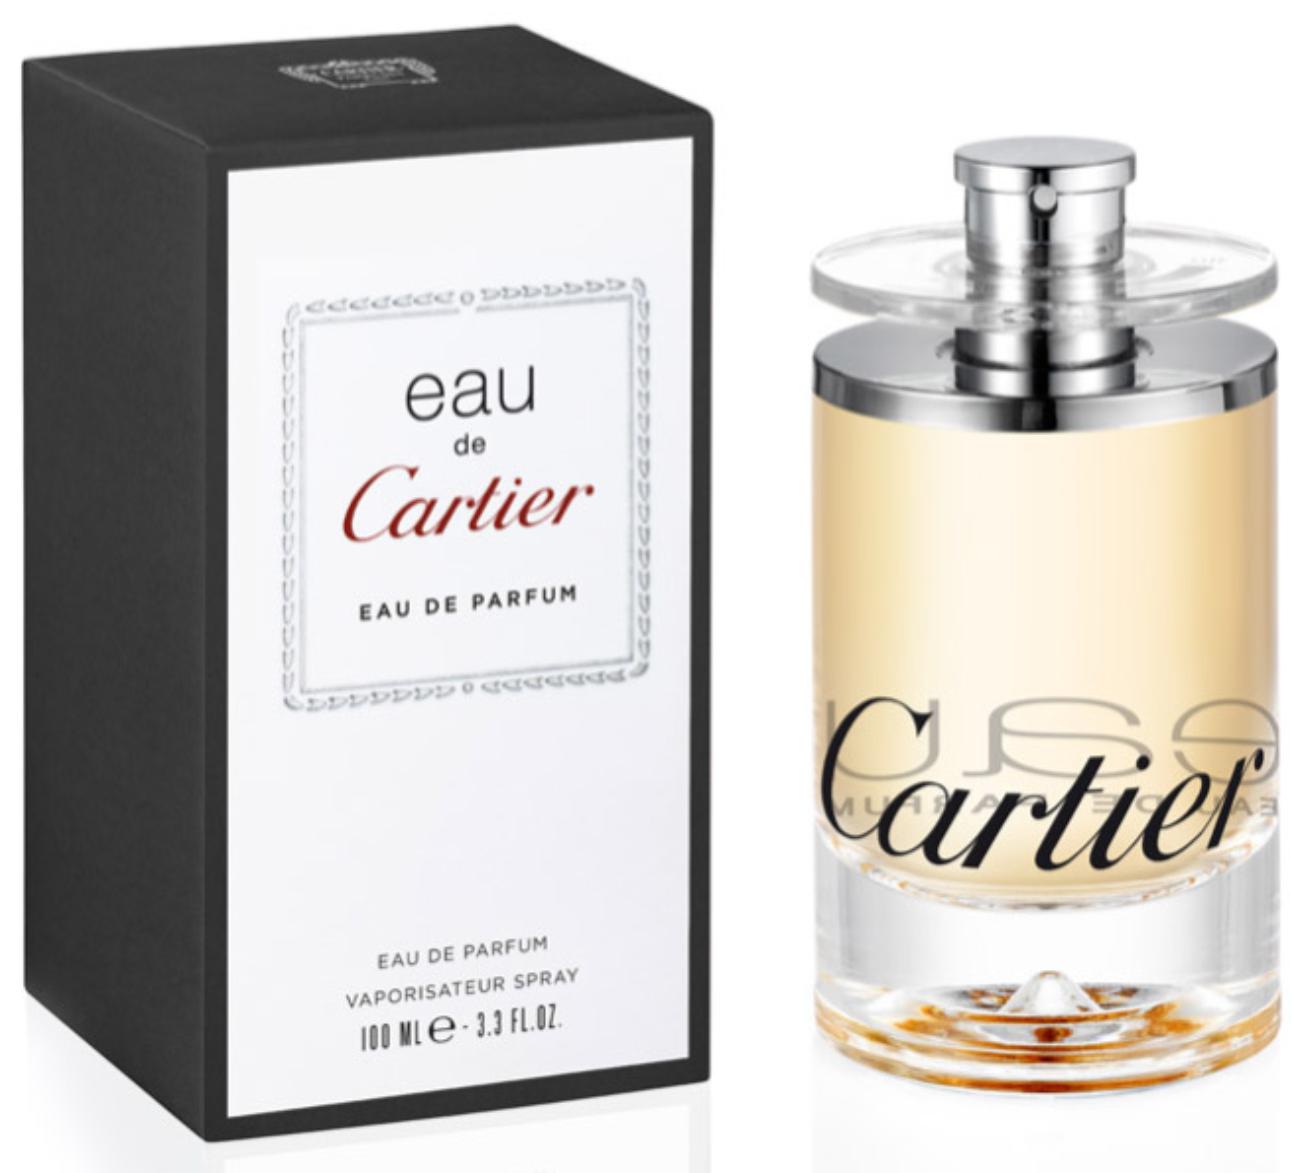 Cartier - eau de Cartier - eau de parfum